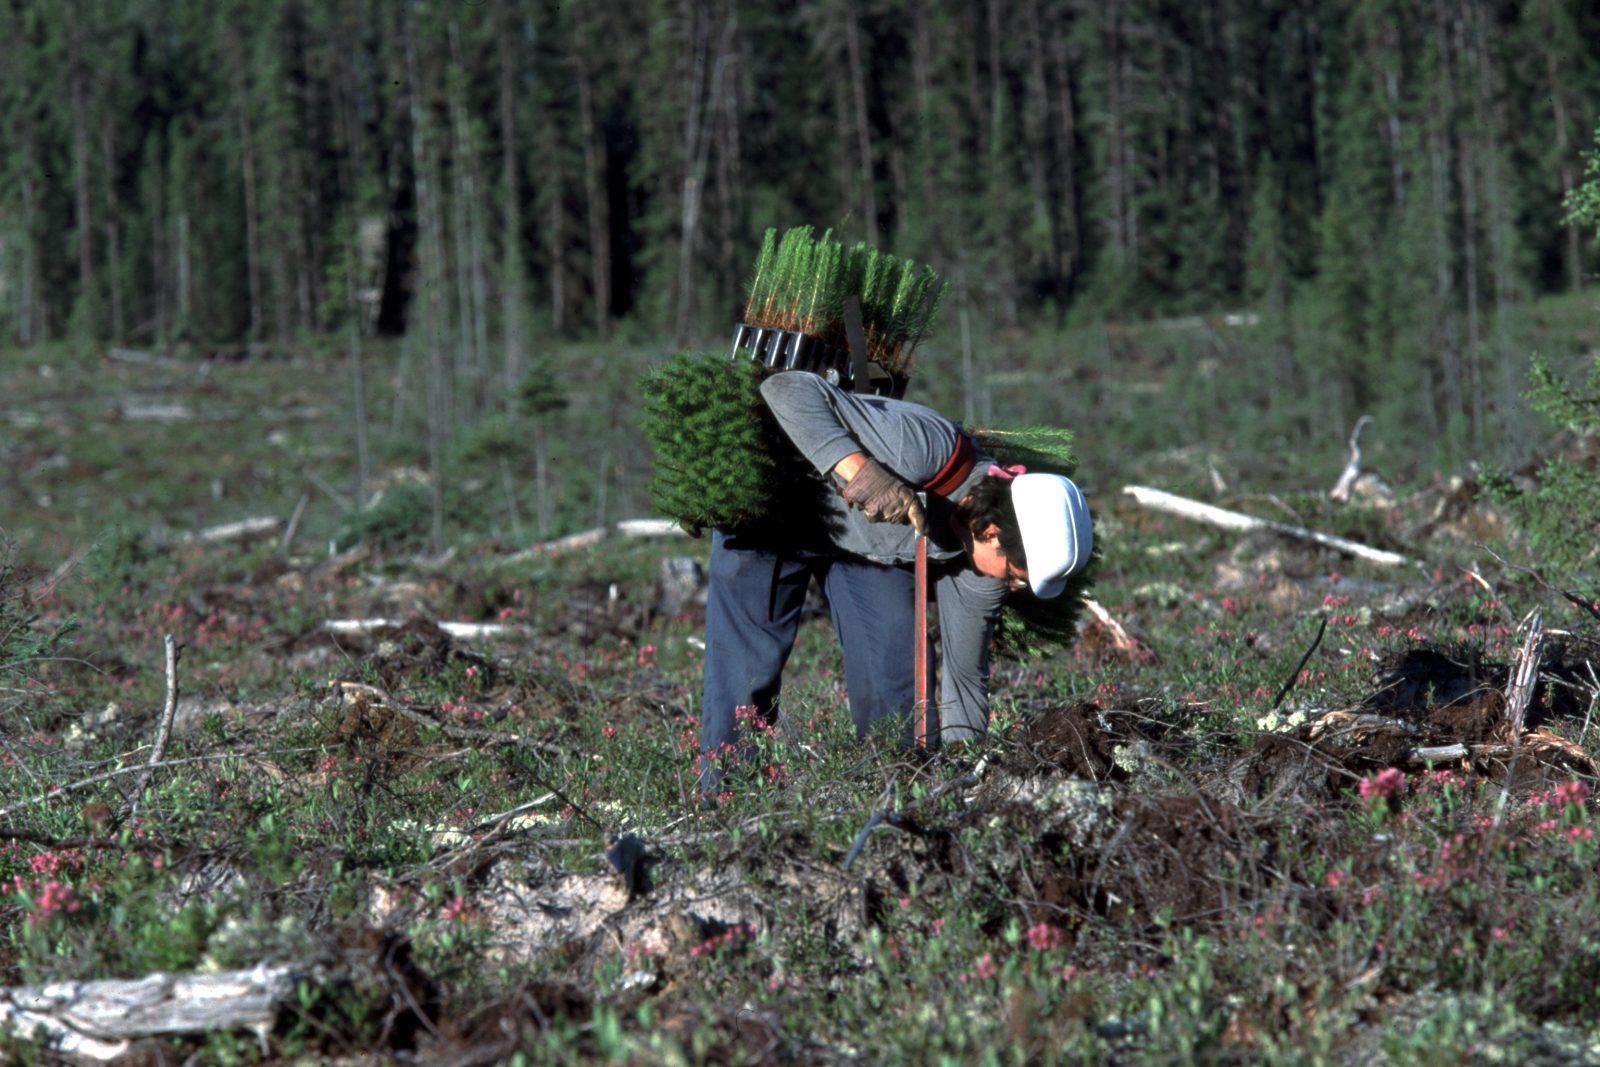 La Coopérative forestière de Girardville a repris ses assises